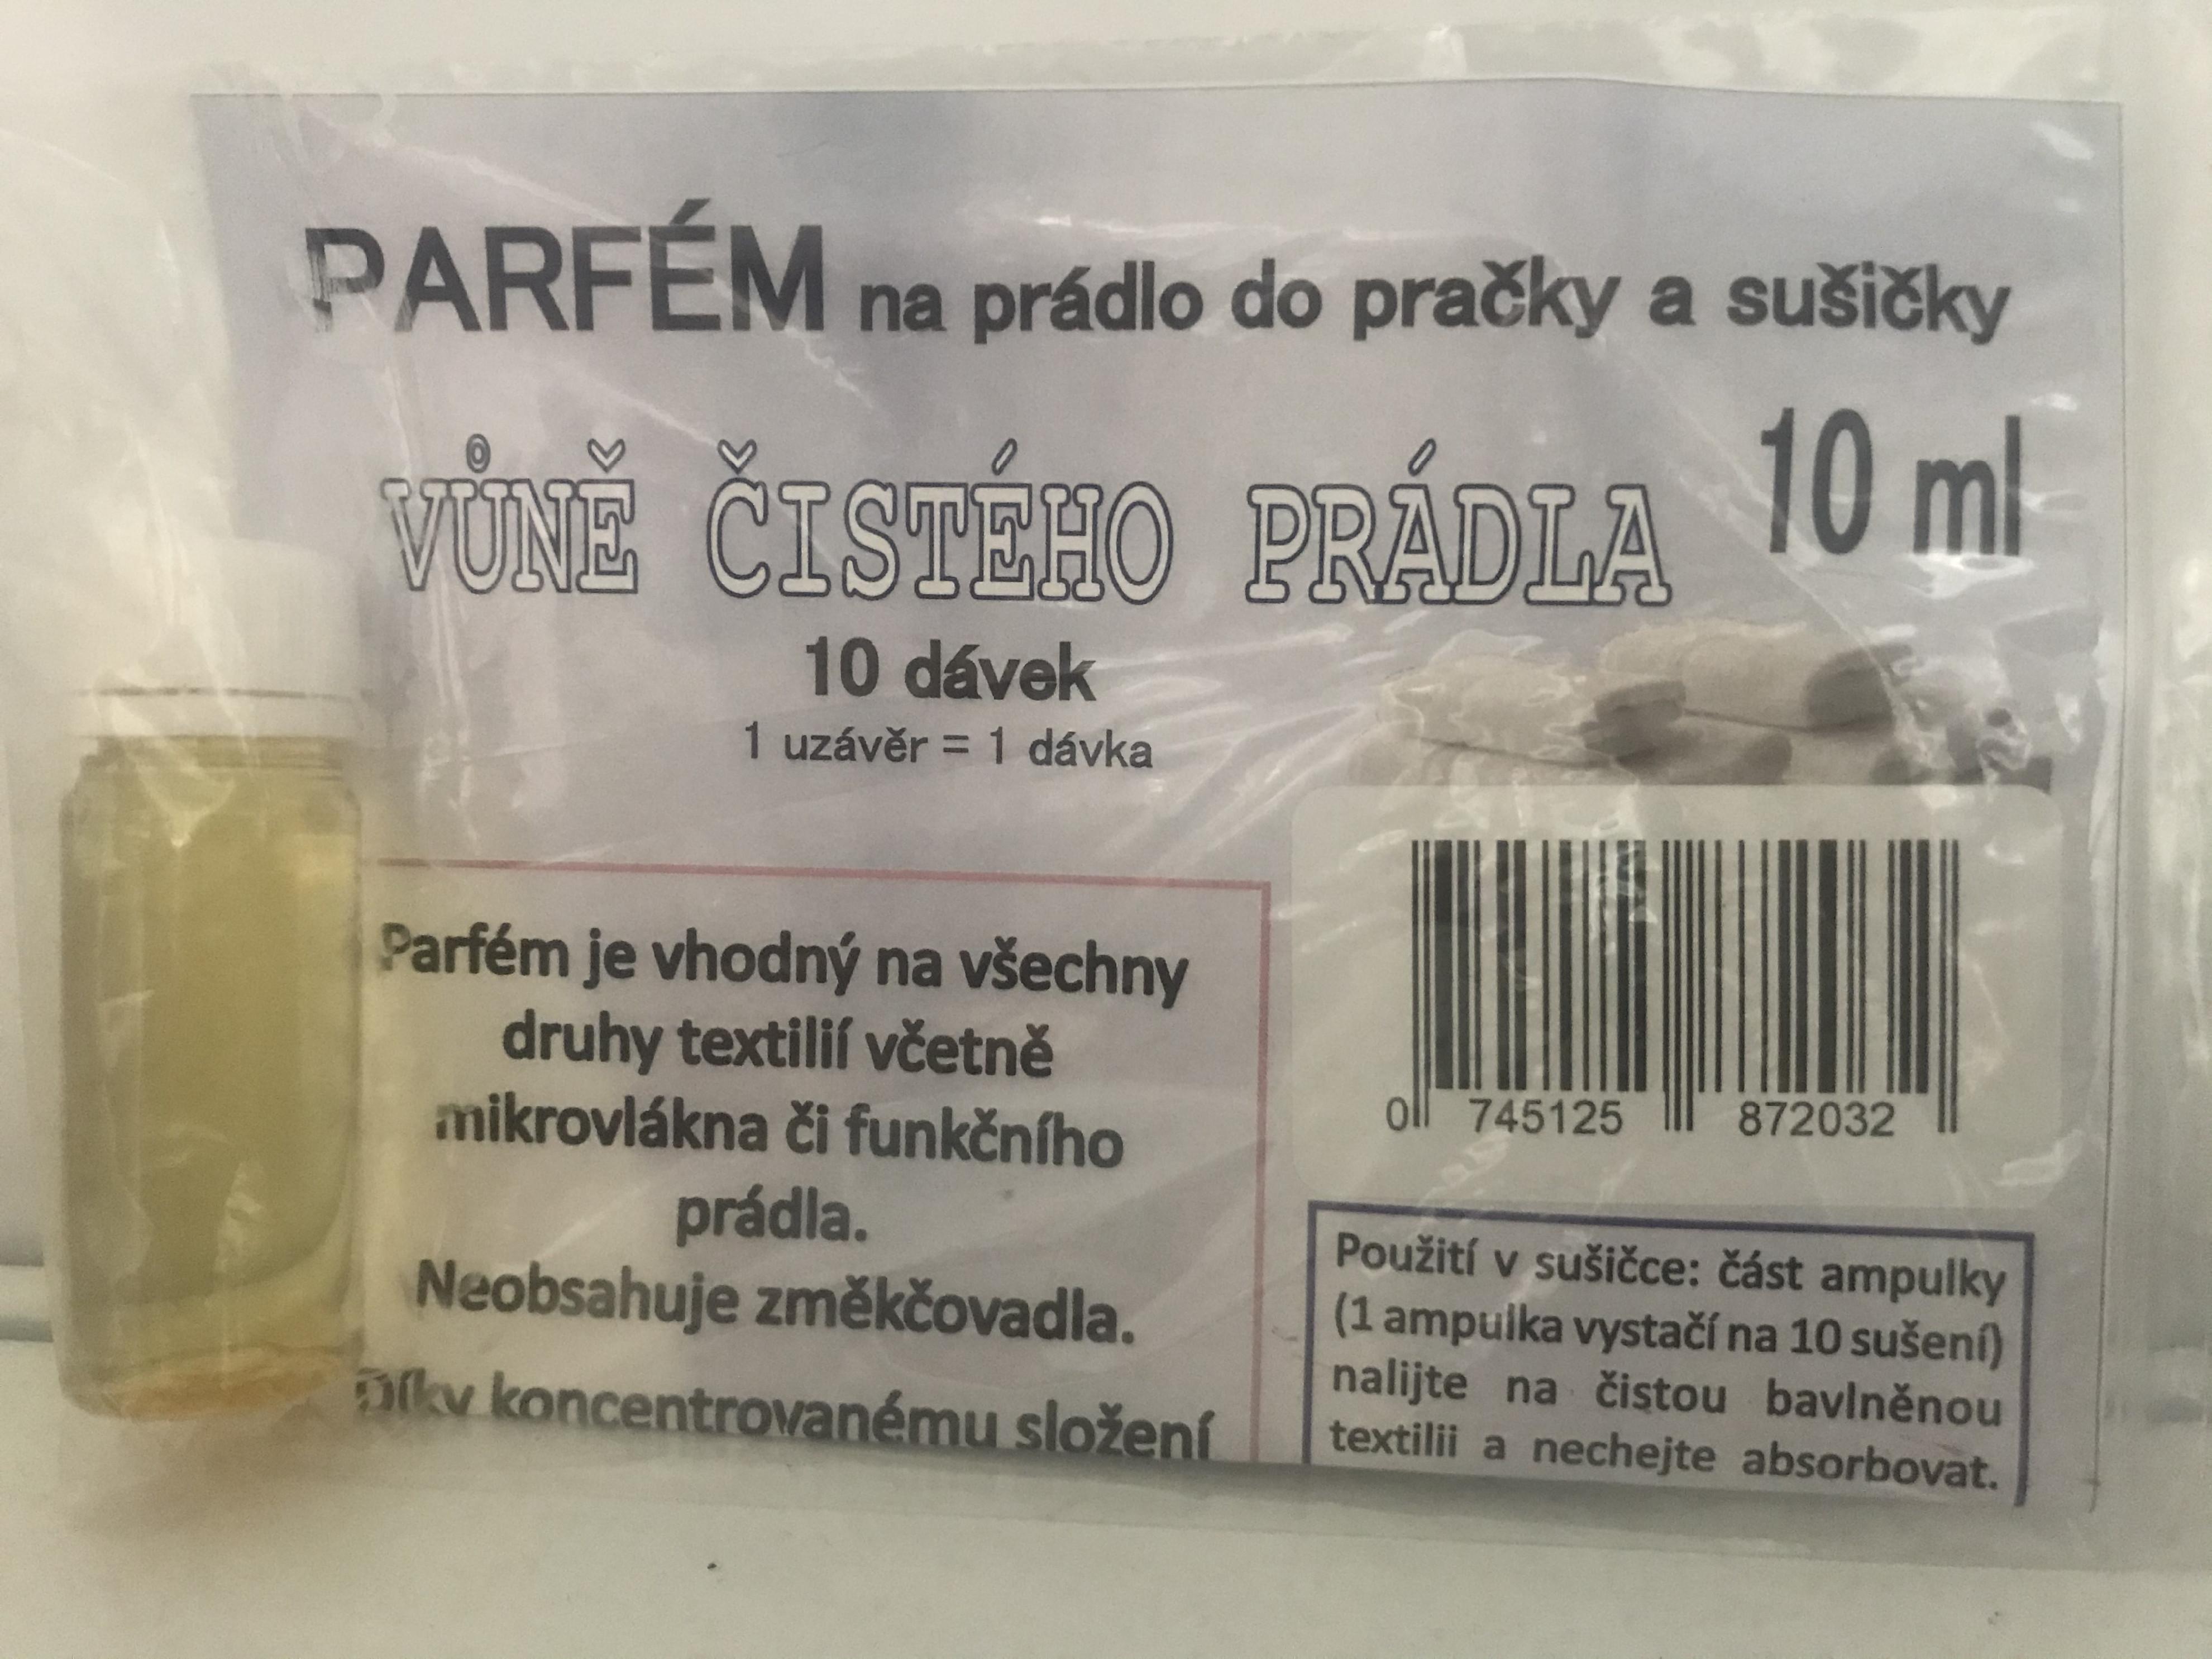 Parfém na prádlo do pračky a sušičky 10ml vůně čistého prádla (10 dávek)